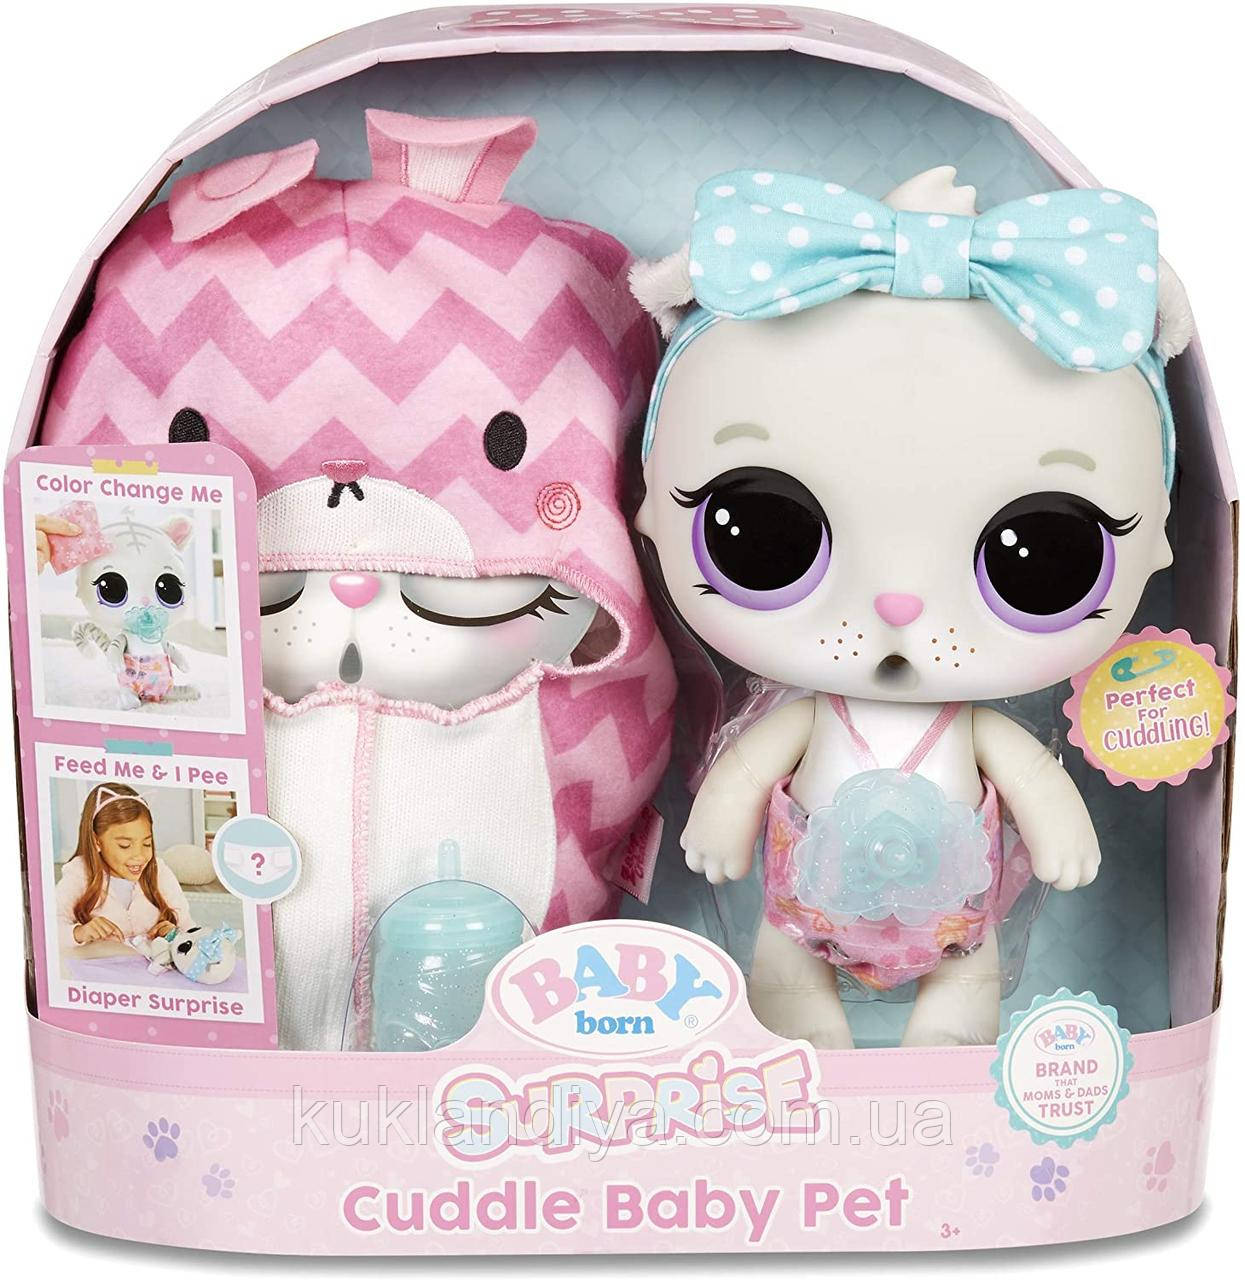 Вихованець котик Кітті Бебі борн Baby Born Surprise Cuddle Baby Pet Kitty